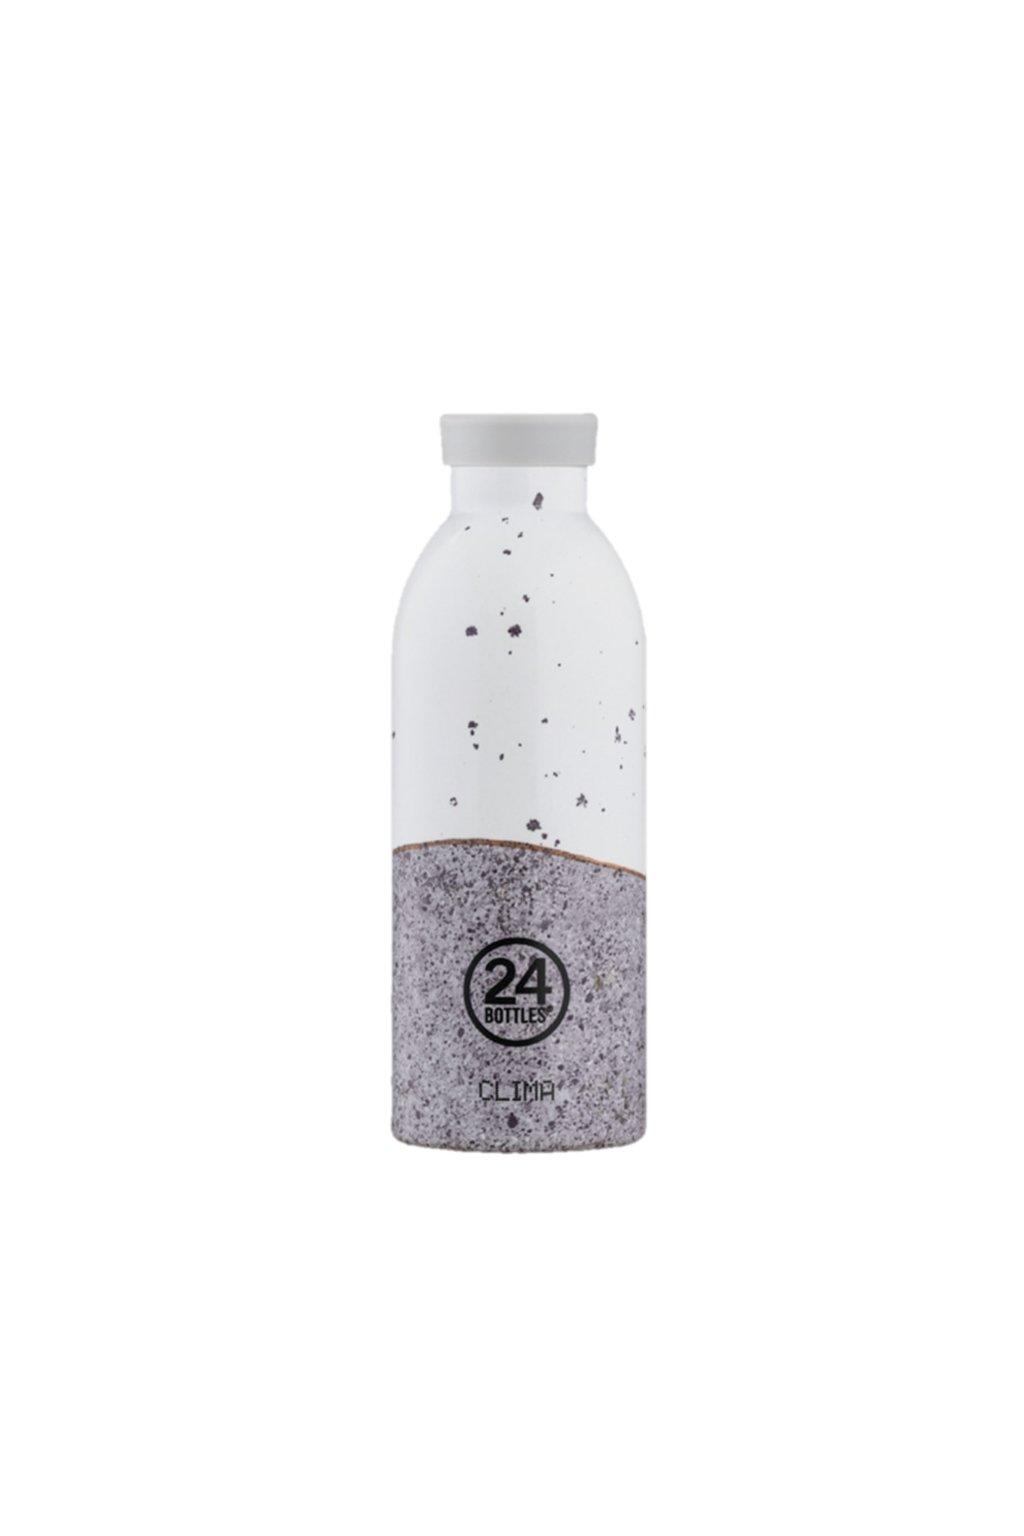 24 bottles clima_bottle_infuser